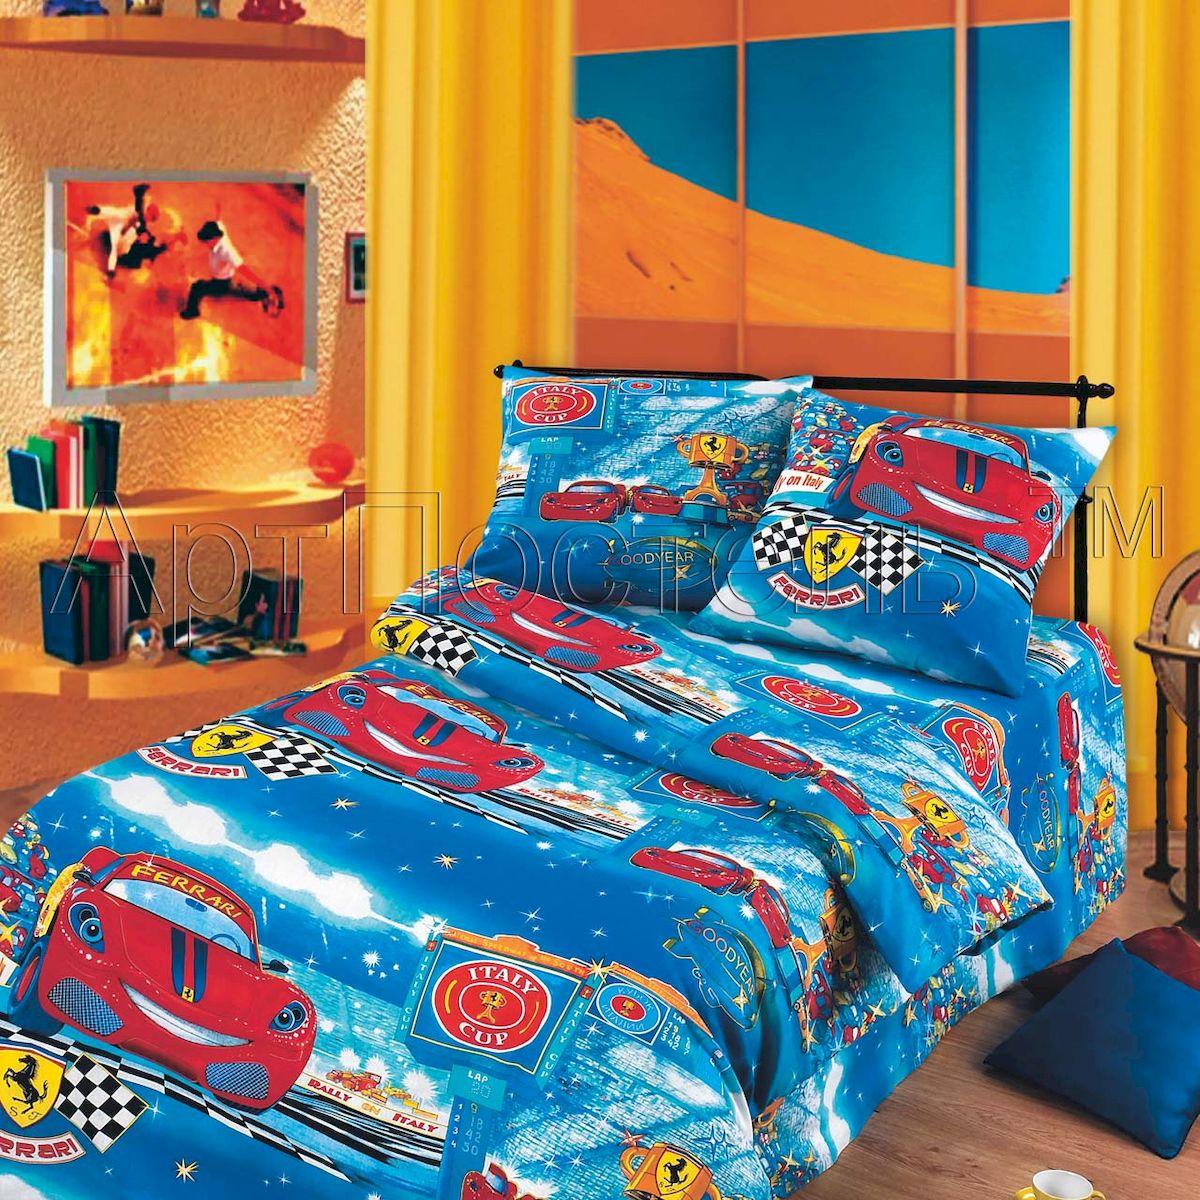 Комплект белья АртПостель Ралли, 1,5 спальный, наволочки 70x70100Комплект постельного белья АртПостель Ралли выполнен из бязи высочайшего качества. Бязь отличается прочностью и стойкостью к многочисленным стиркам. Комплект состоит из пододеяльника, простыни и двух наволочек. Постельное белье с ярким дизайном, имеет изысканный внешний вид. Благодаря такому комплекту постельного белья вы сможете создать атмосферу роскоши и романтики в вашей спальне.